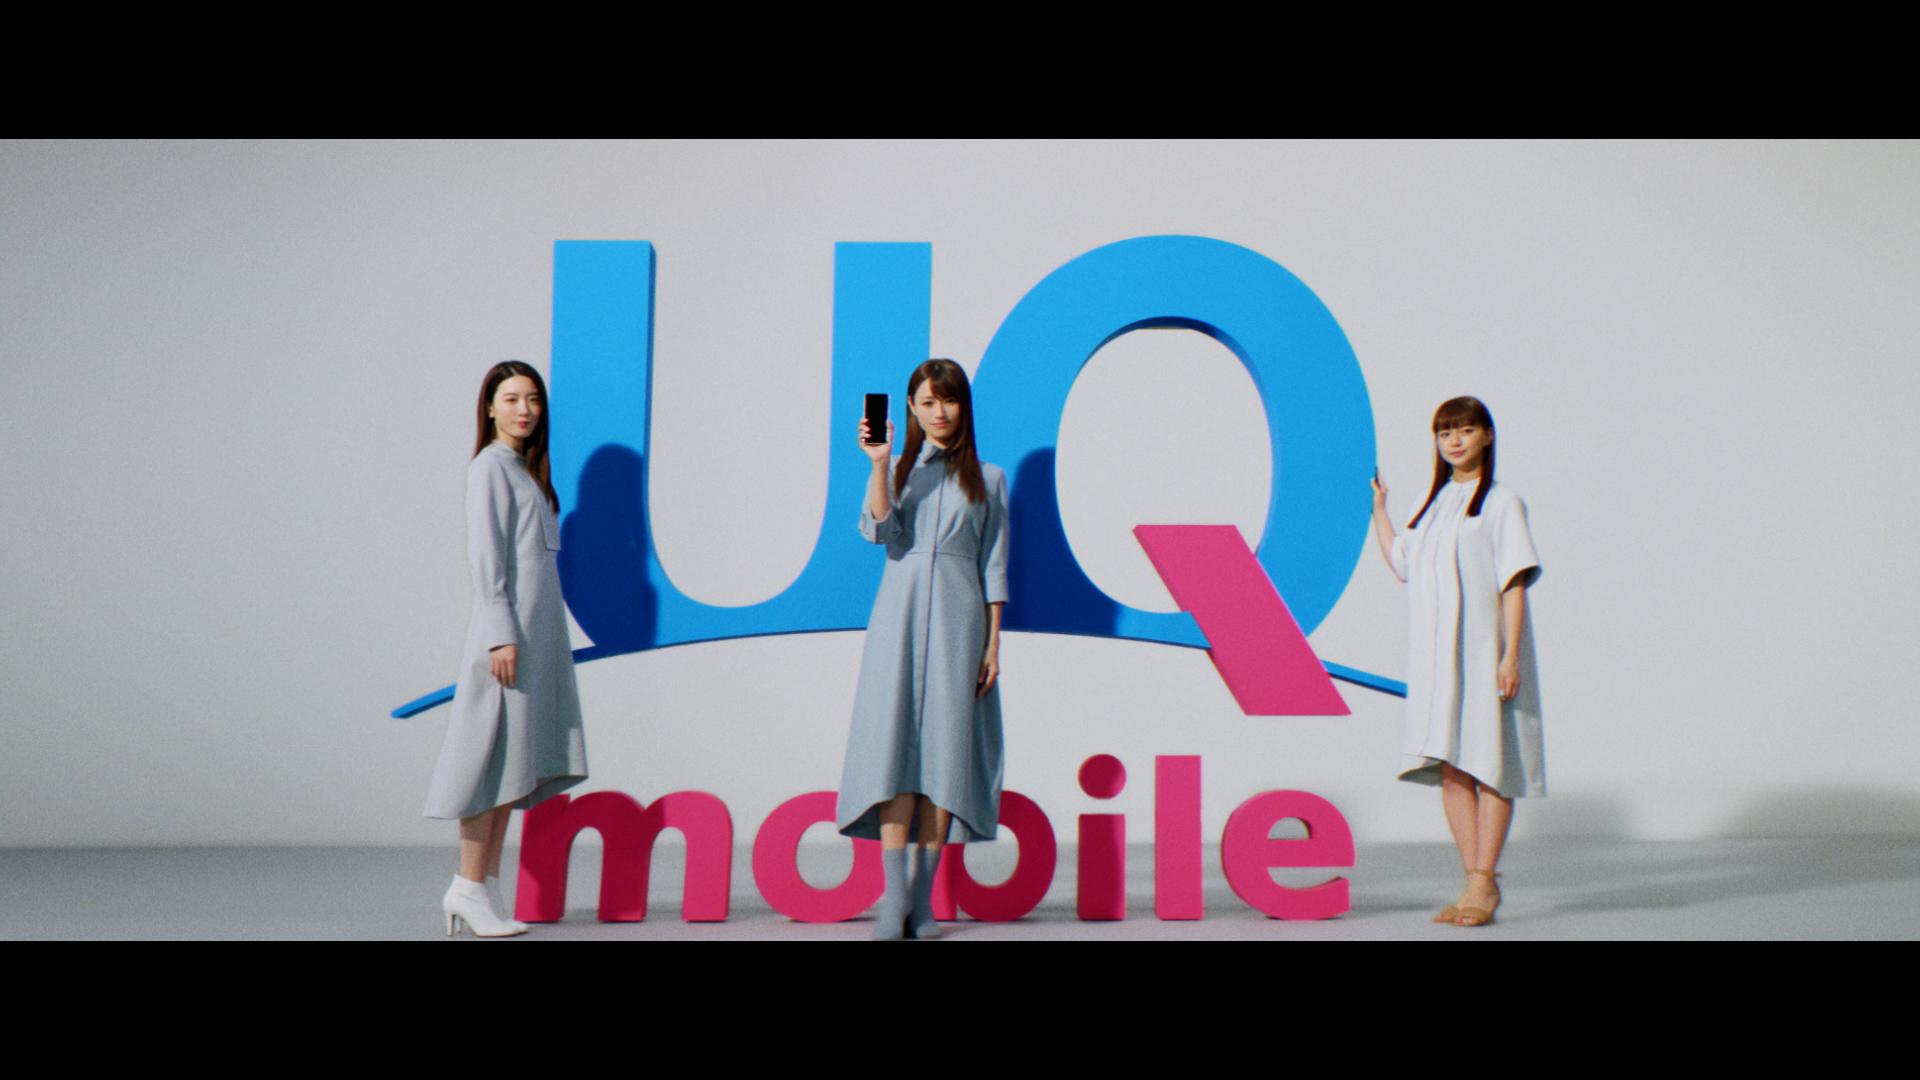 UQ mobile 「歩く人 抽象空間」篇